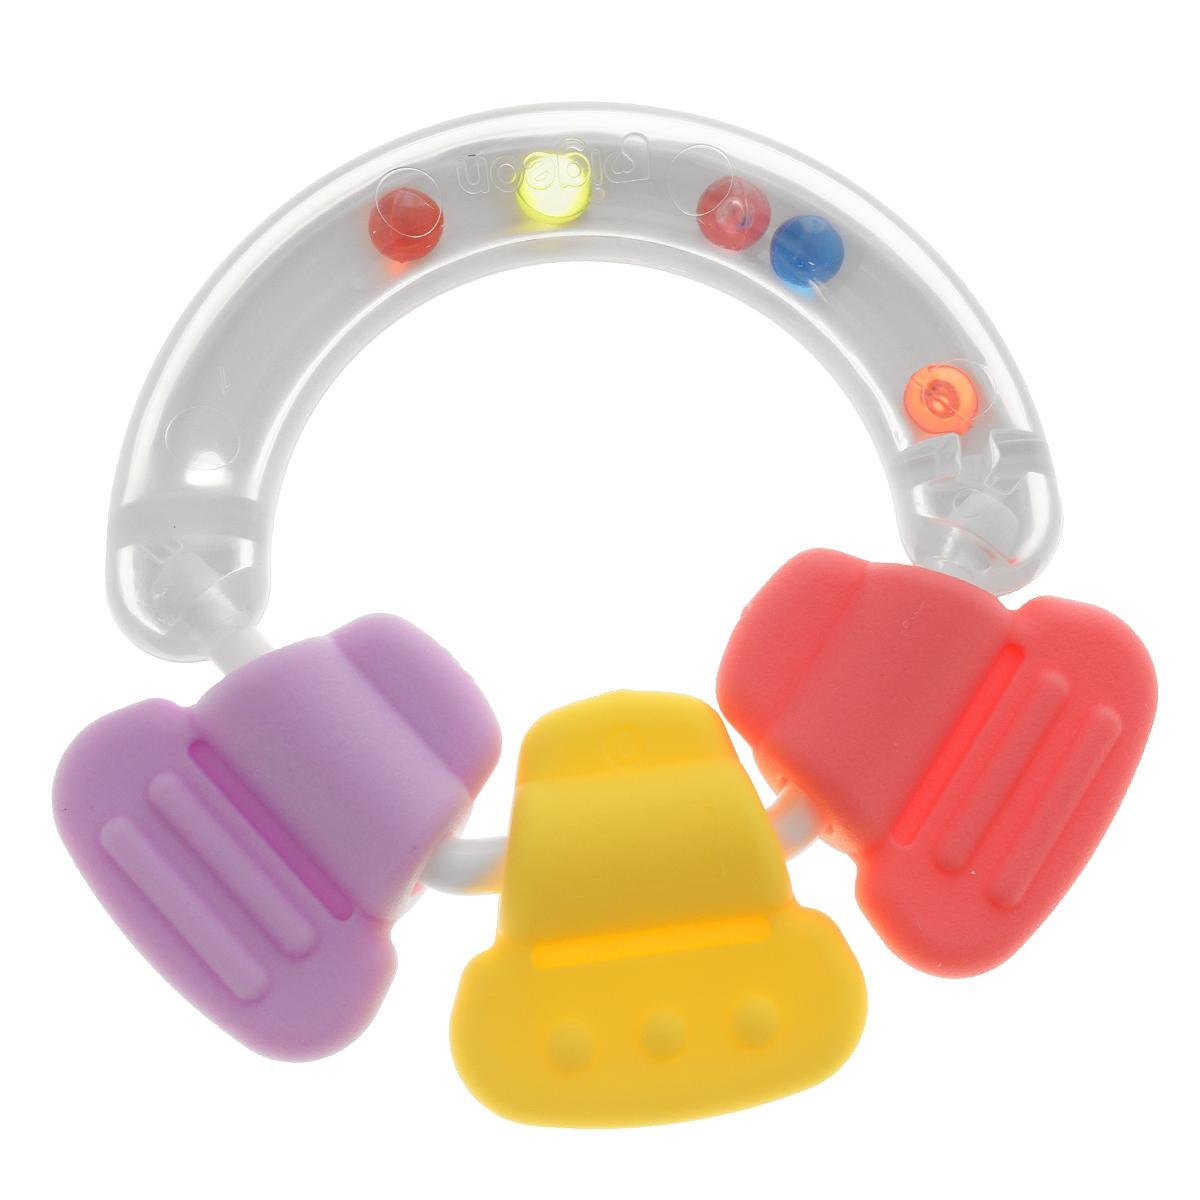 PIGEON Прорезыватель-погремушка R313192Прорезыватель-погремушка Pigeon рекомендуется для детей, у которых начинают прорезываться зубы. Он успокоит десны младенцев, а цветные бусины на верхней части способствуют развитию слуха, а также развлекут ребенка. Практичная рукоятка предназначена для самых маленьких рук младенцев, что поможет им легко захватить прорезыватель. Прорезыватель развивает мелкую моторику, воображение, концентрацию внимания и цветовое восприятие ребенка.